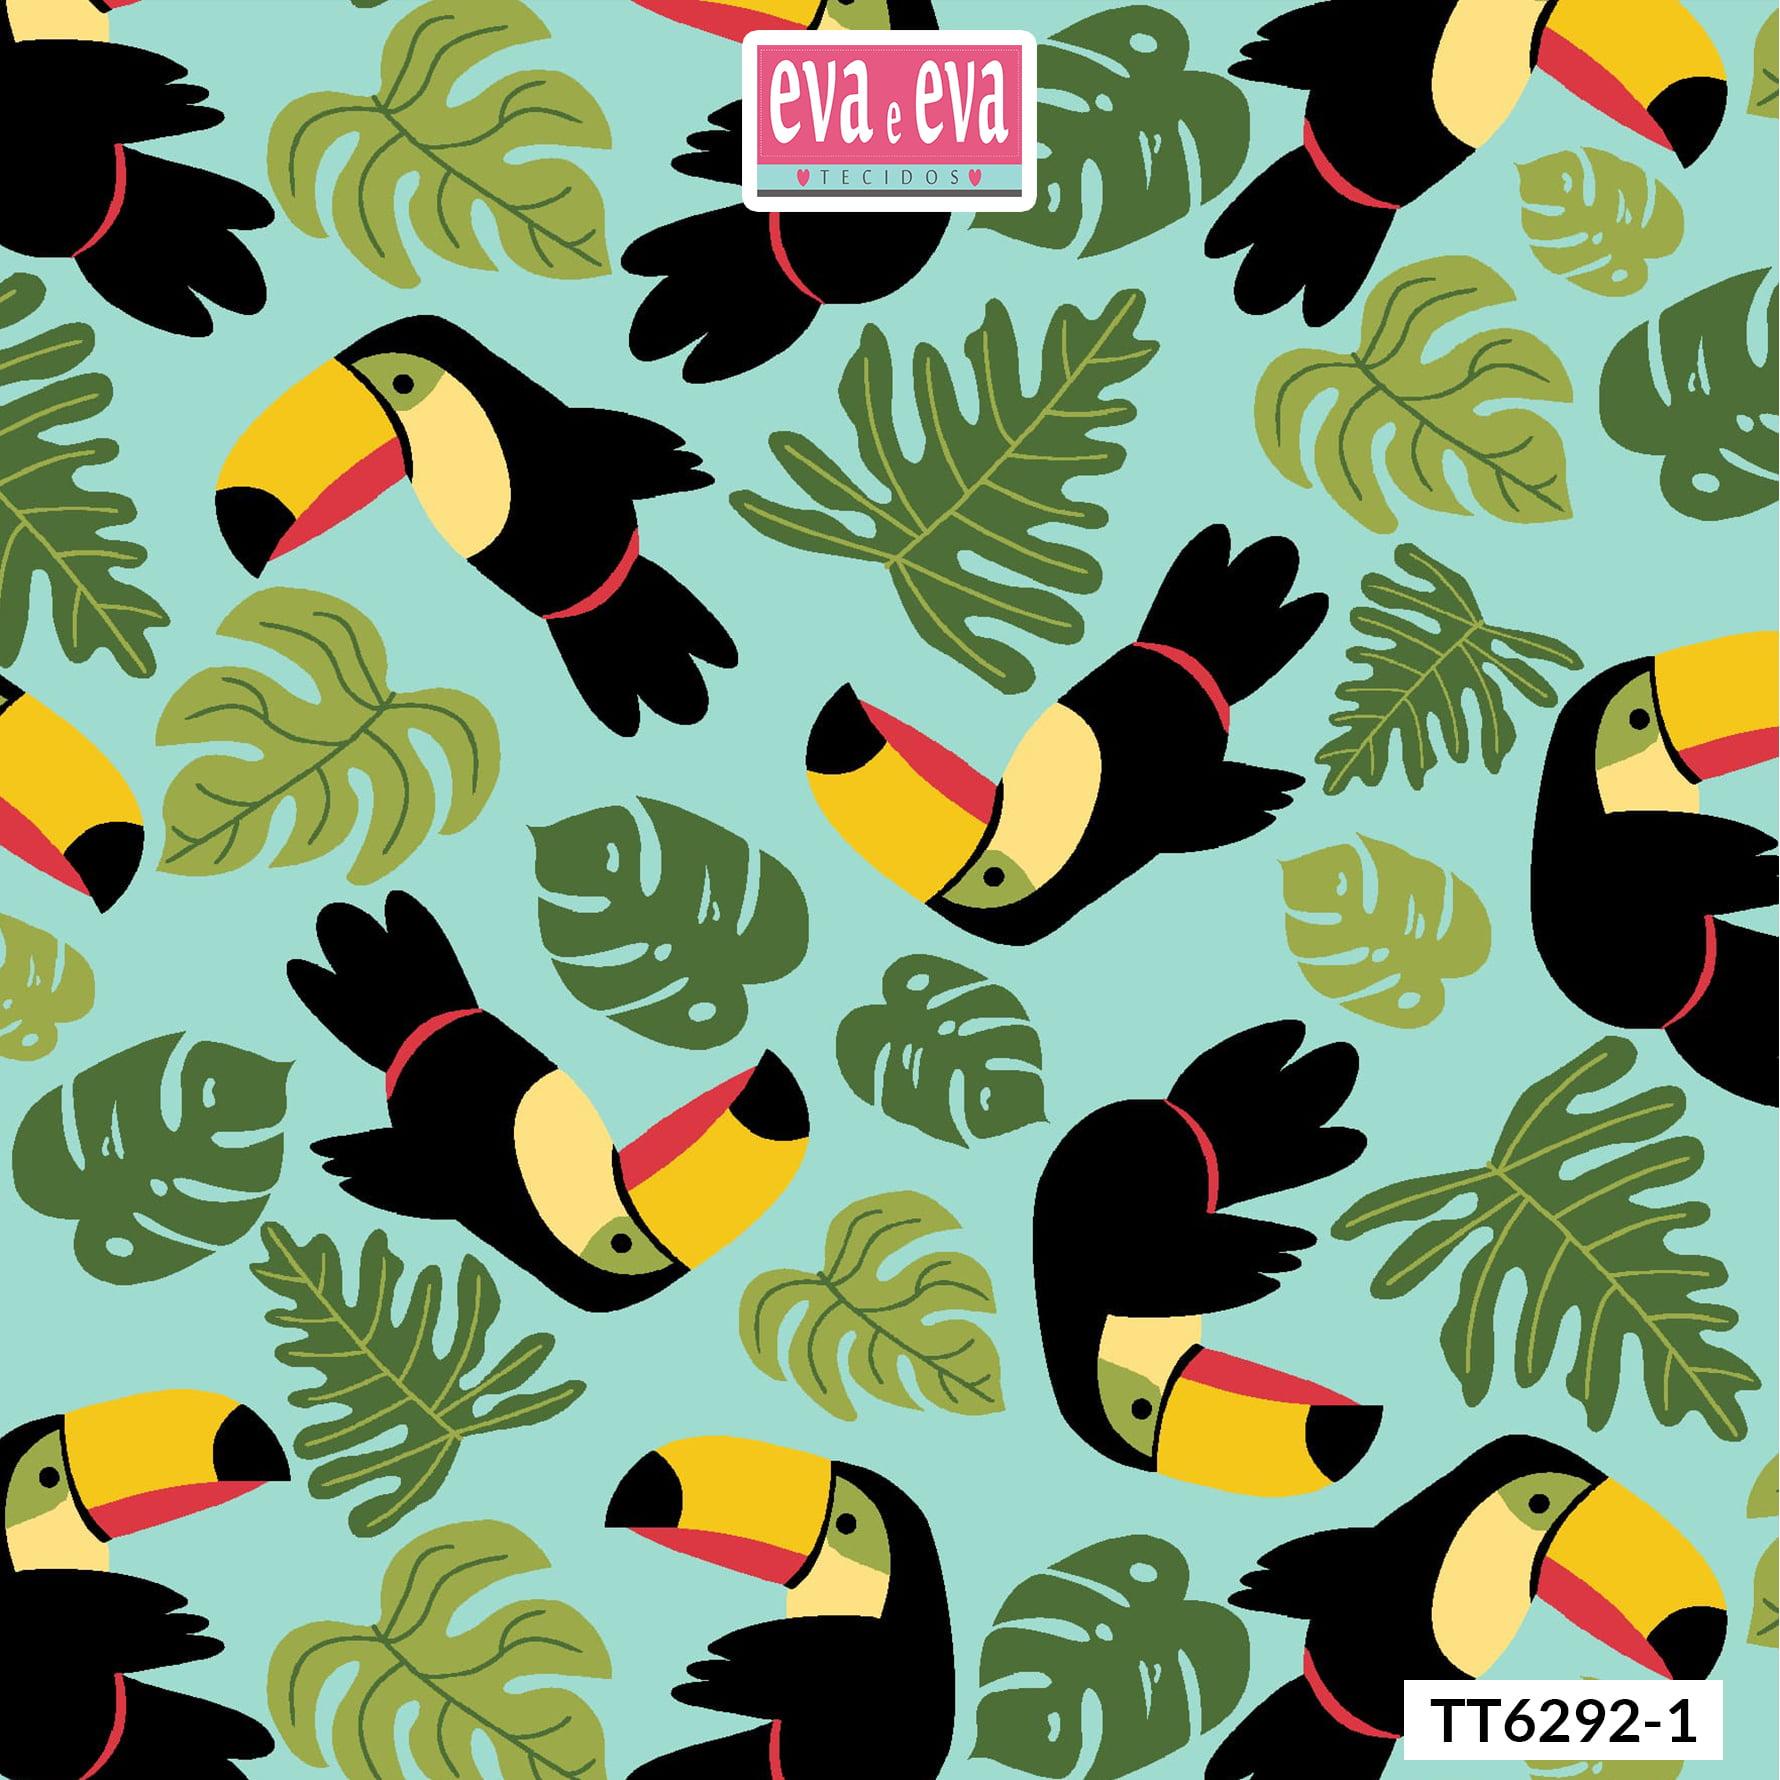 Tecido tricoline estampada da Eva e Eva - Coleção Tucano Tropical - TT6292-1